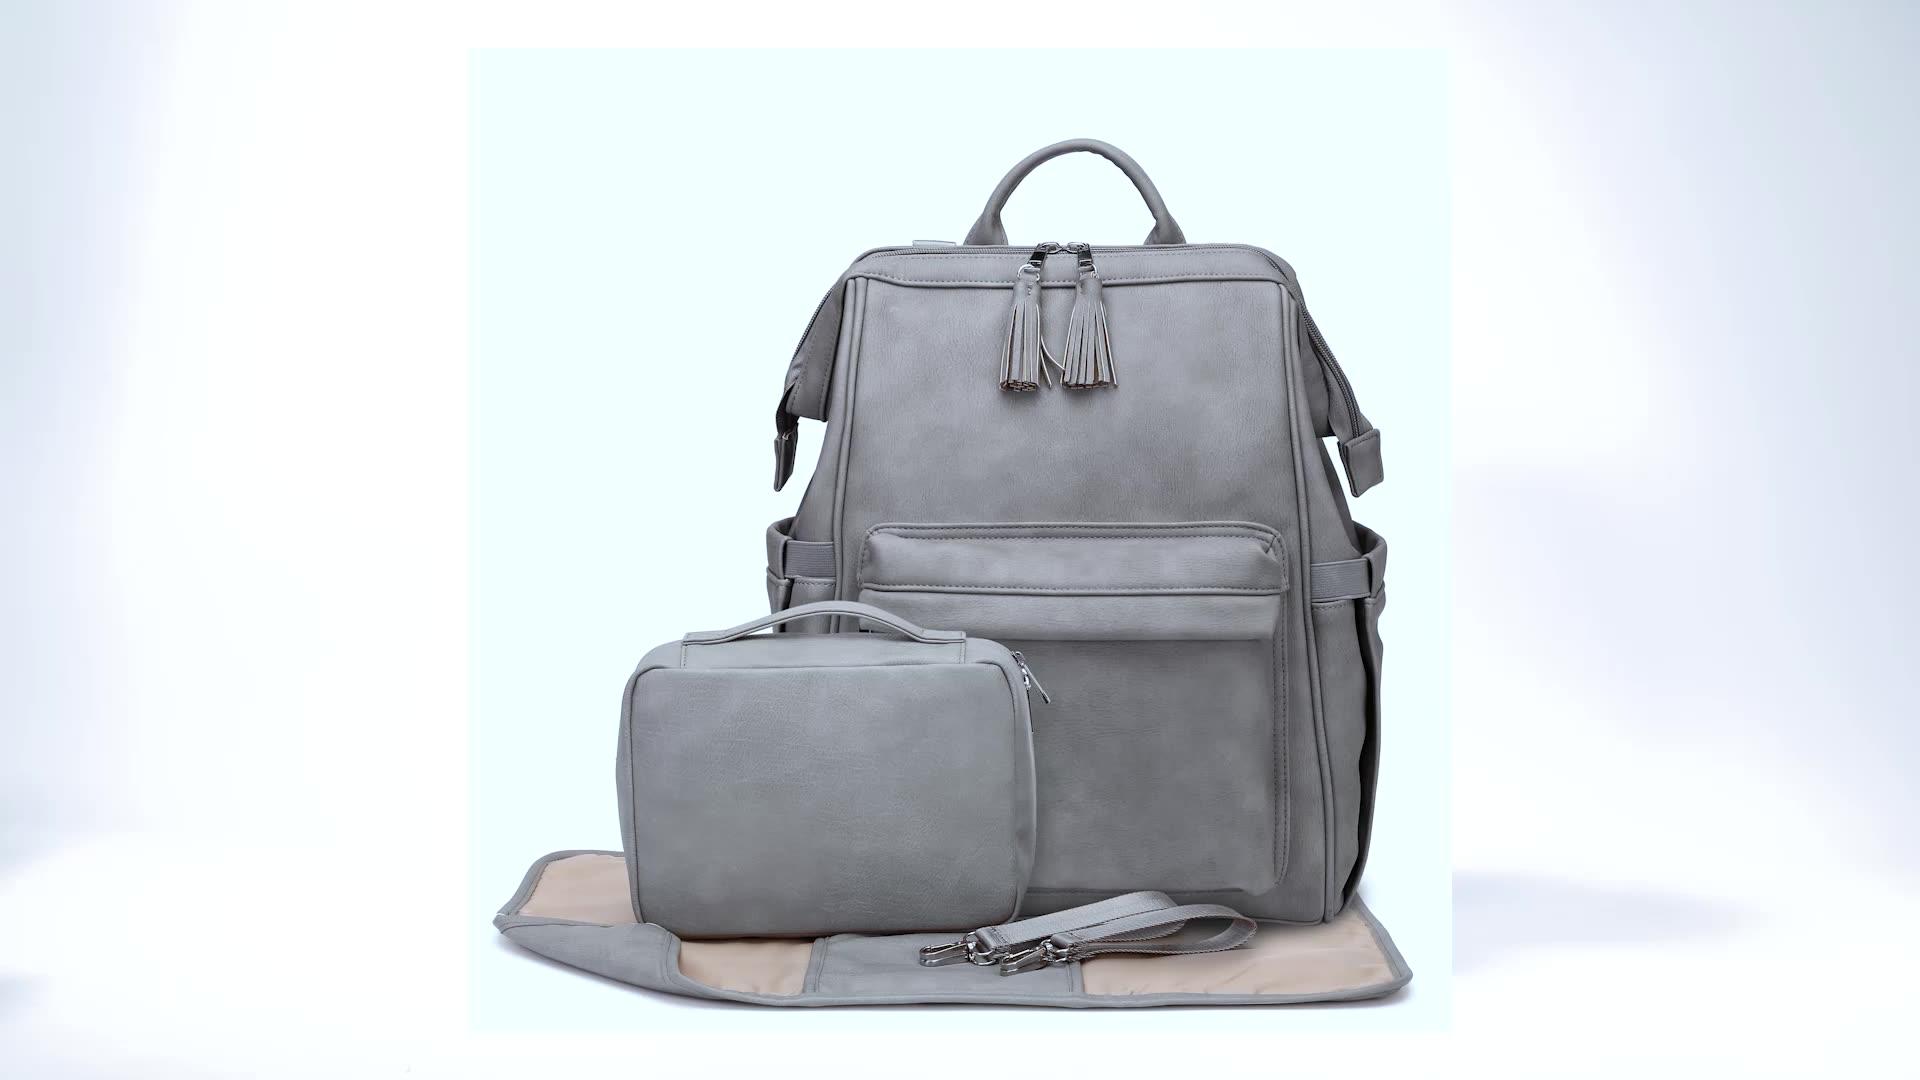 Lujo premium de cuero de la pu bolsa de pañales de bebé bolsa con aislamiento para mamá y papá. MOQ bajo de gran capacidad bolso de bebé